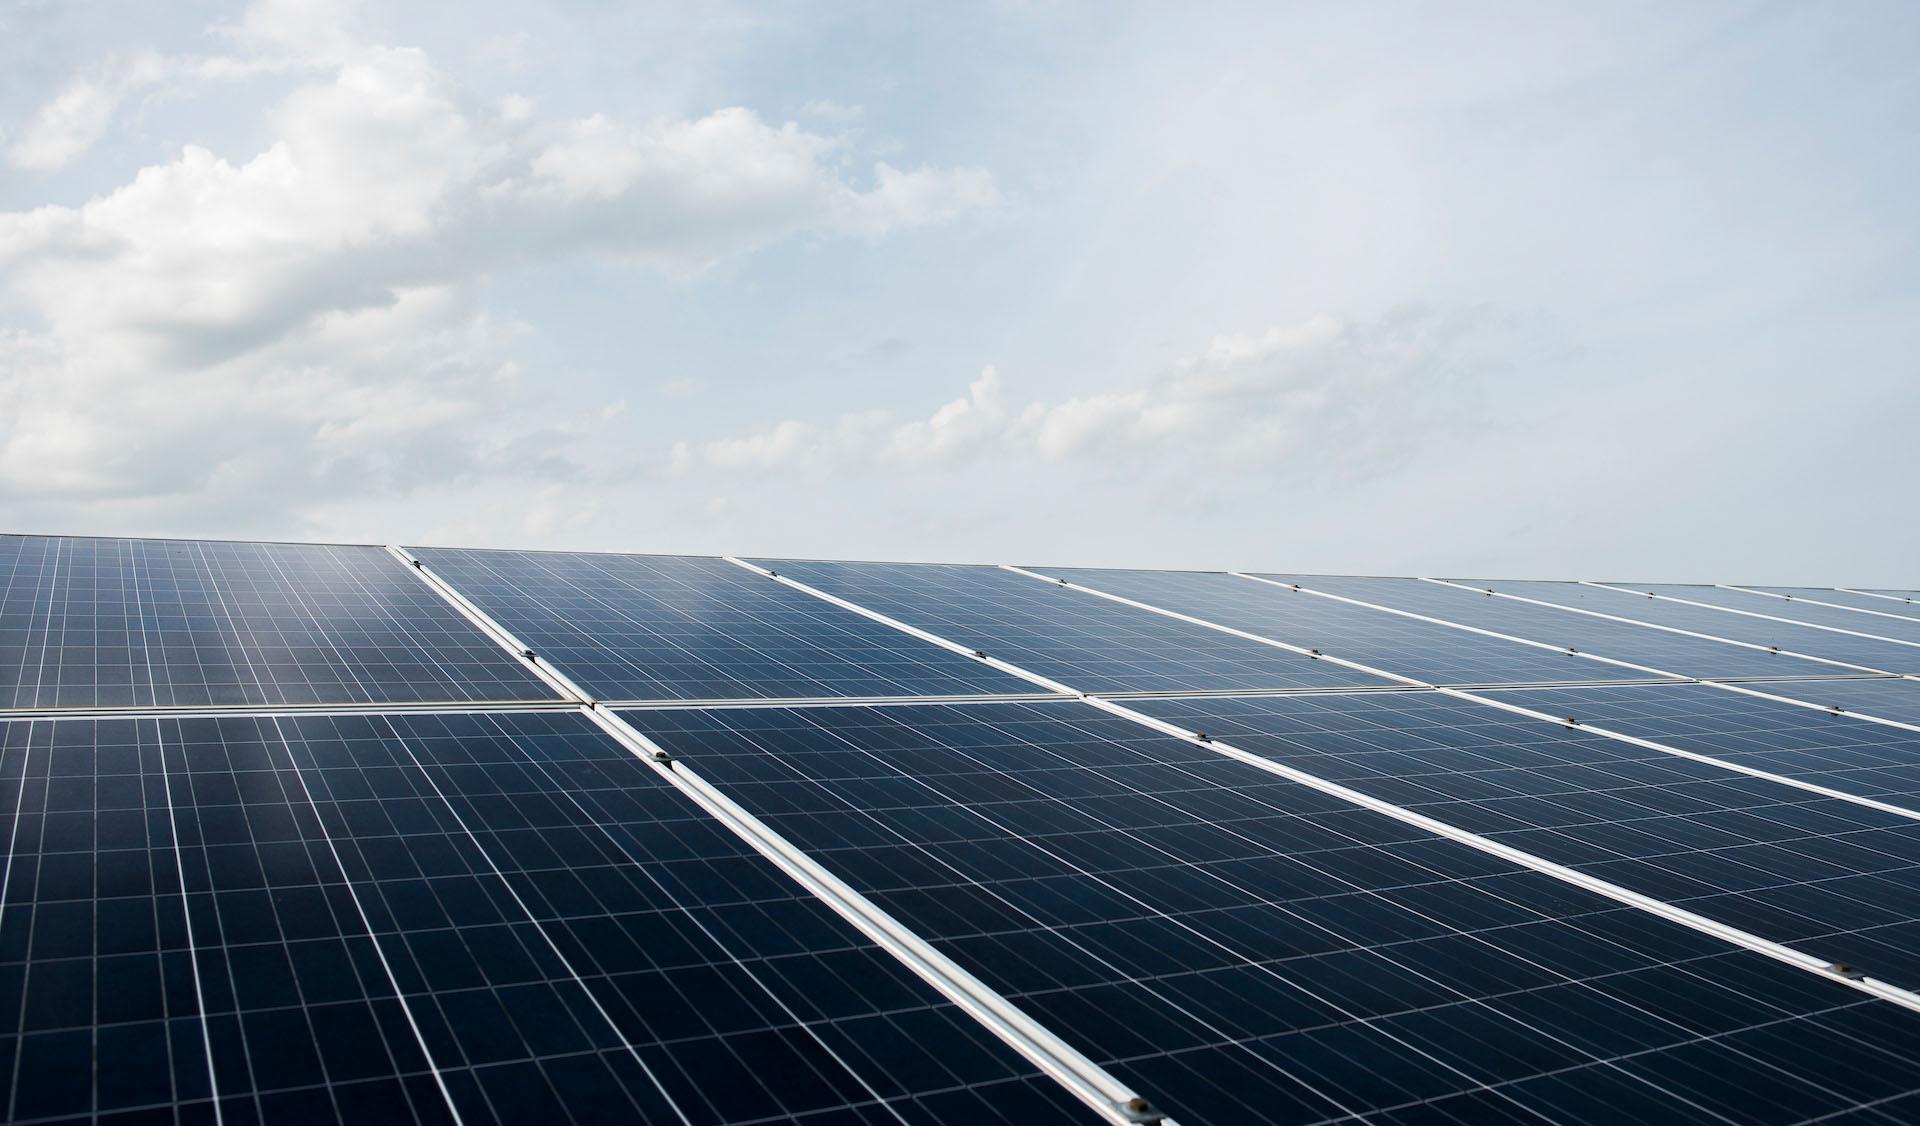 F&P - Zeit für Heldinnen und Helden - PES Power Energy Solutions - Photovoltaikanlagen in Verbindung mit innovativen Speicherlösungen